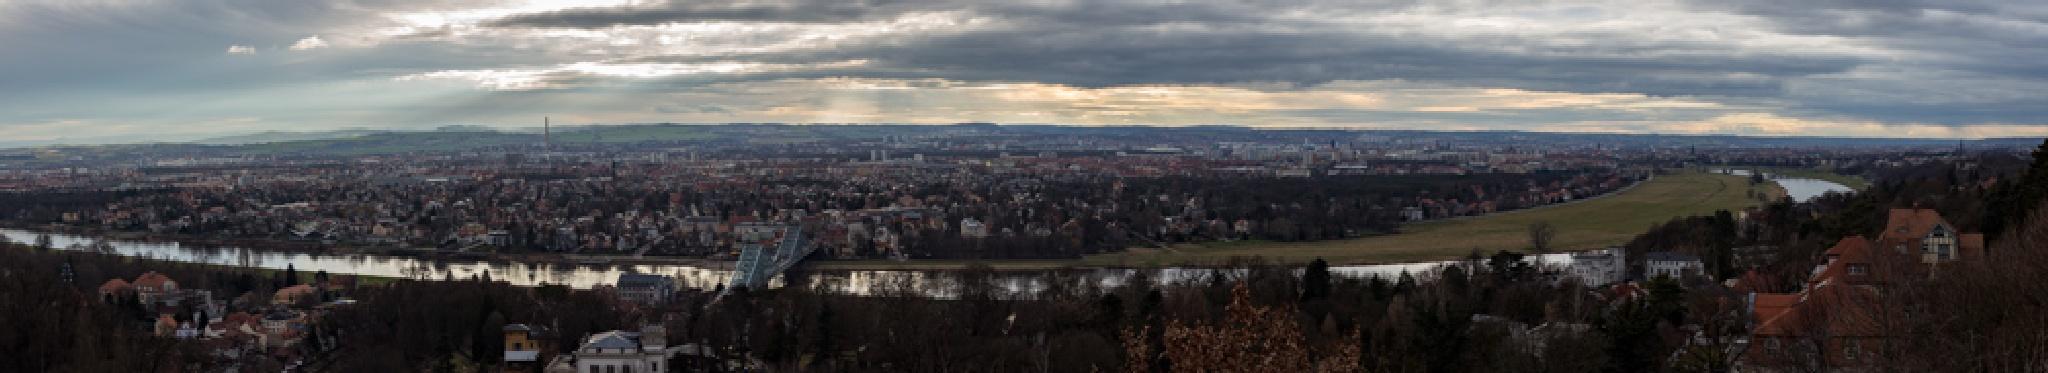 Panorama of Dresen by Sergej Juganov